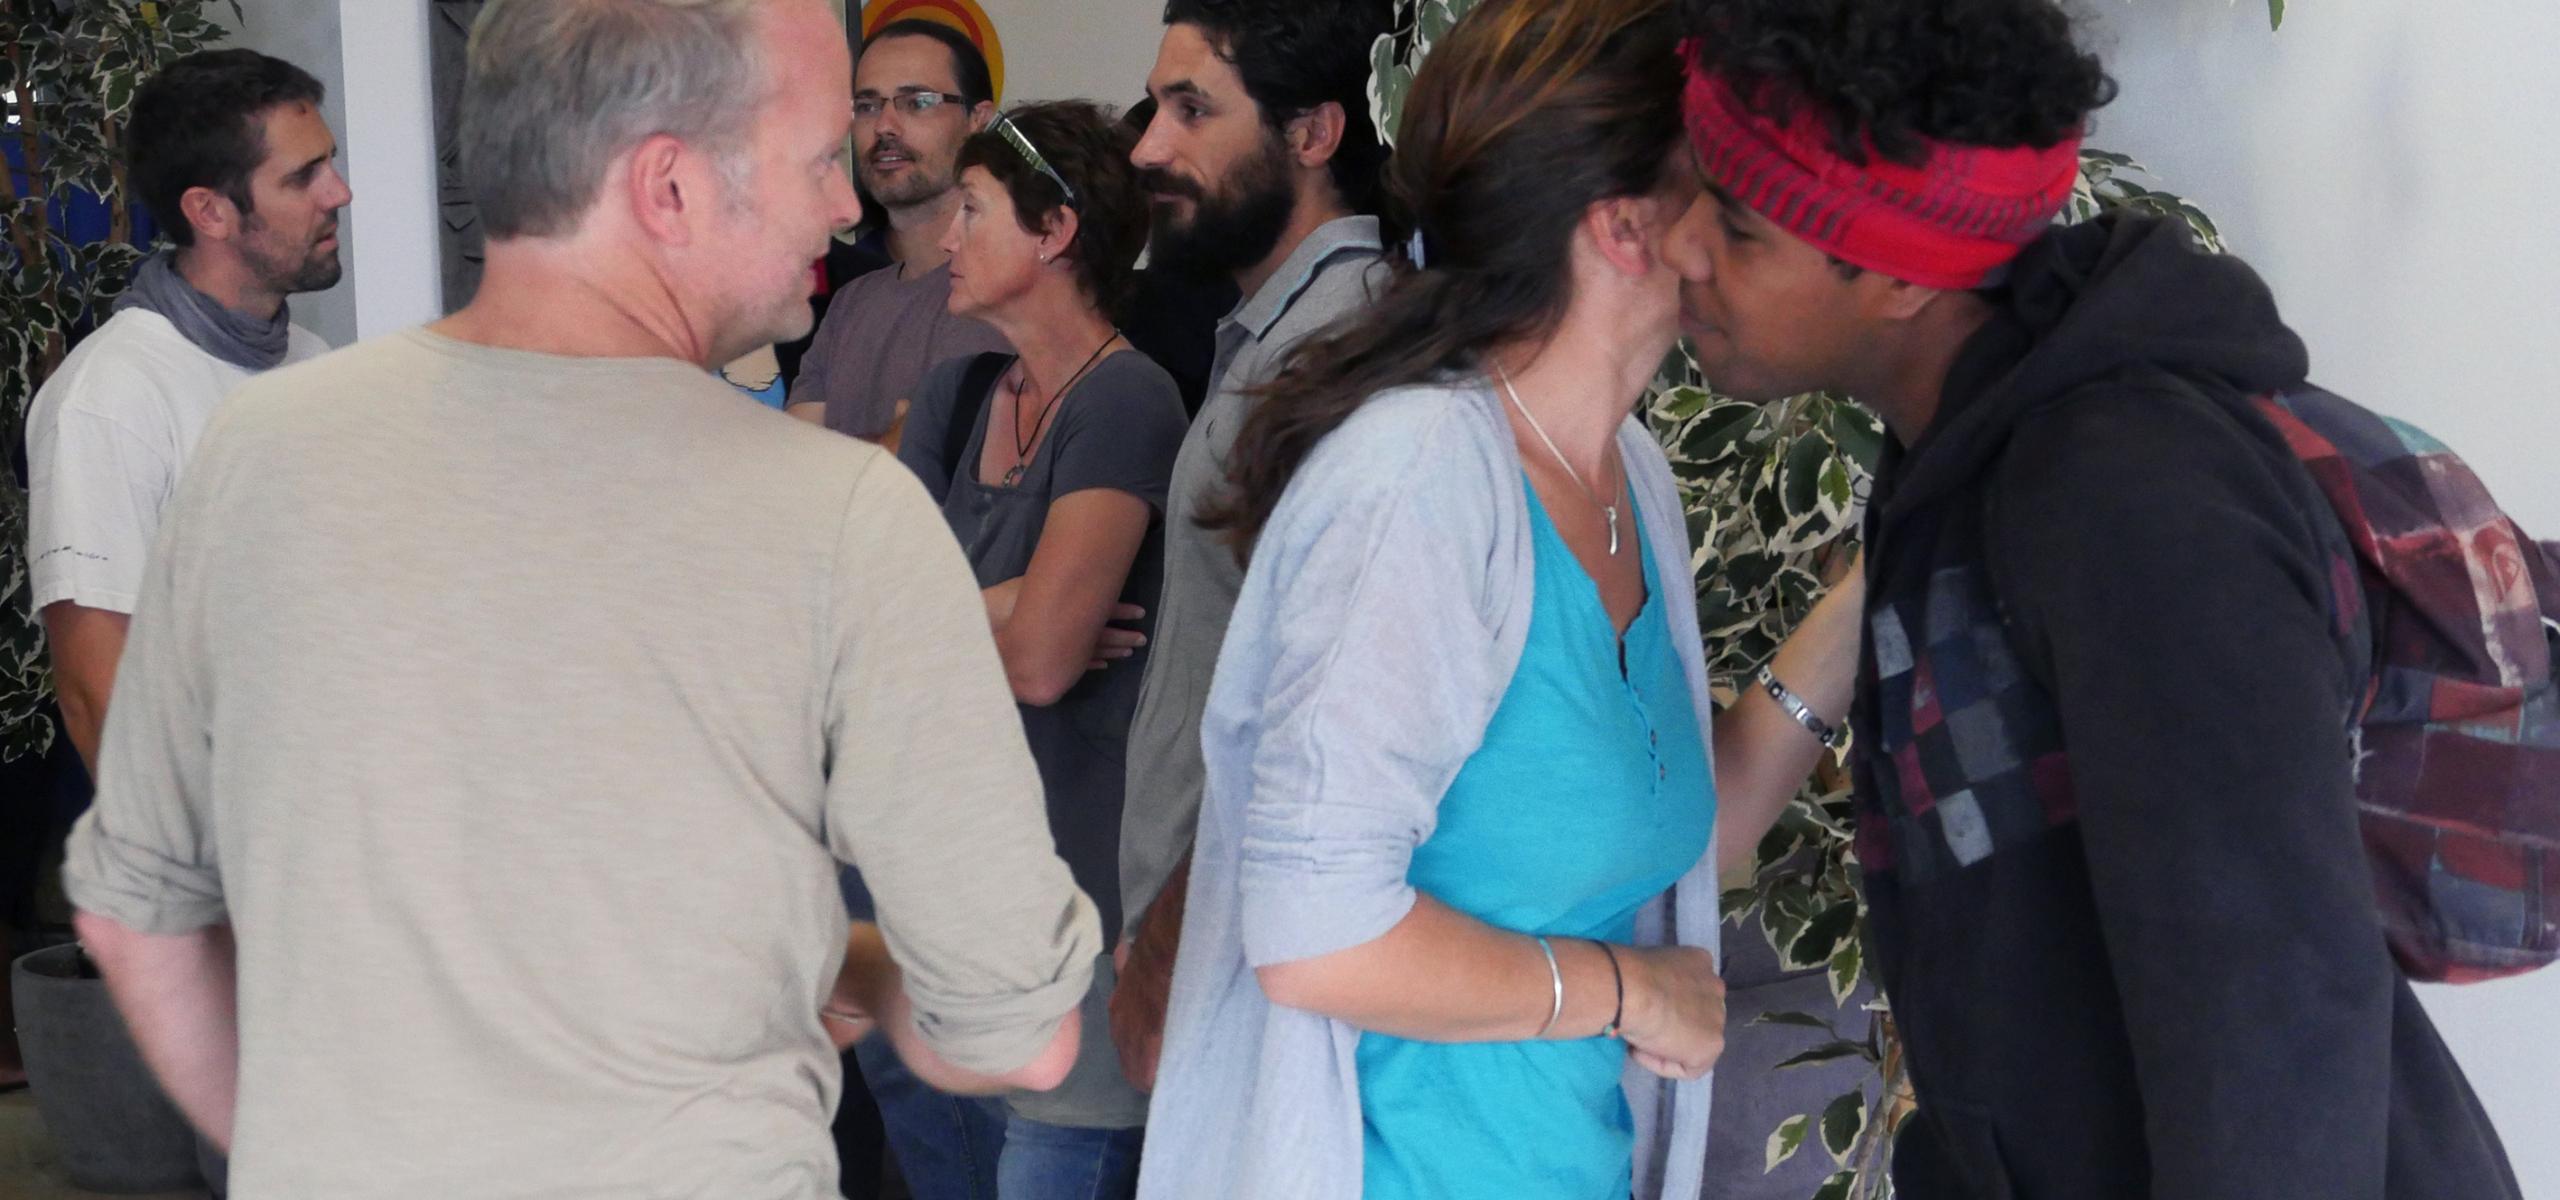 Rencontre et retrouvailles ©Agence des aires marines protégées/observatoire Pelagis – REMMOA 2014